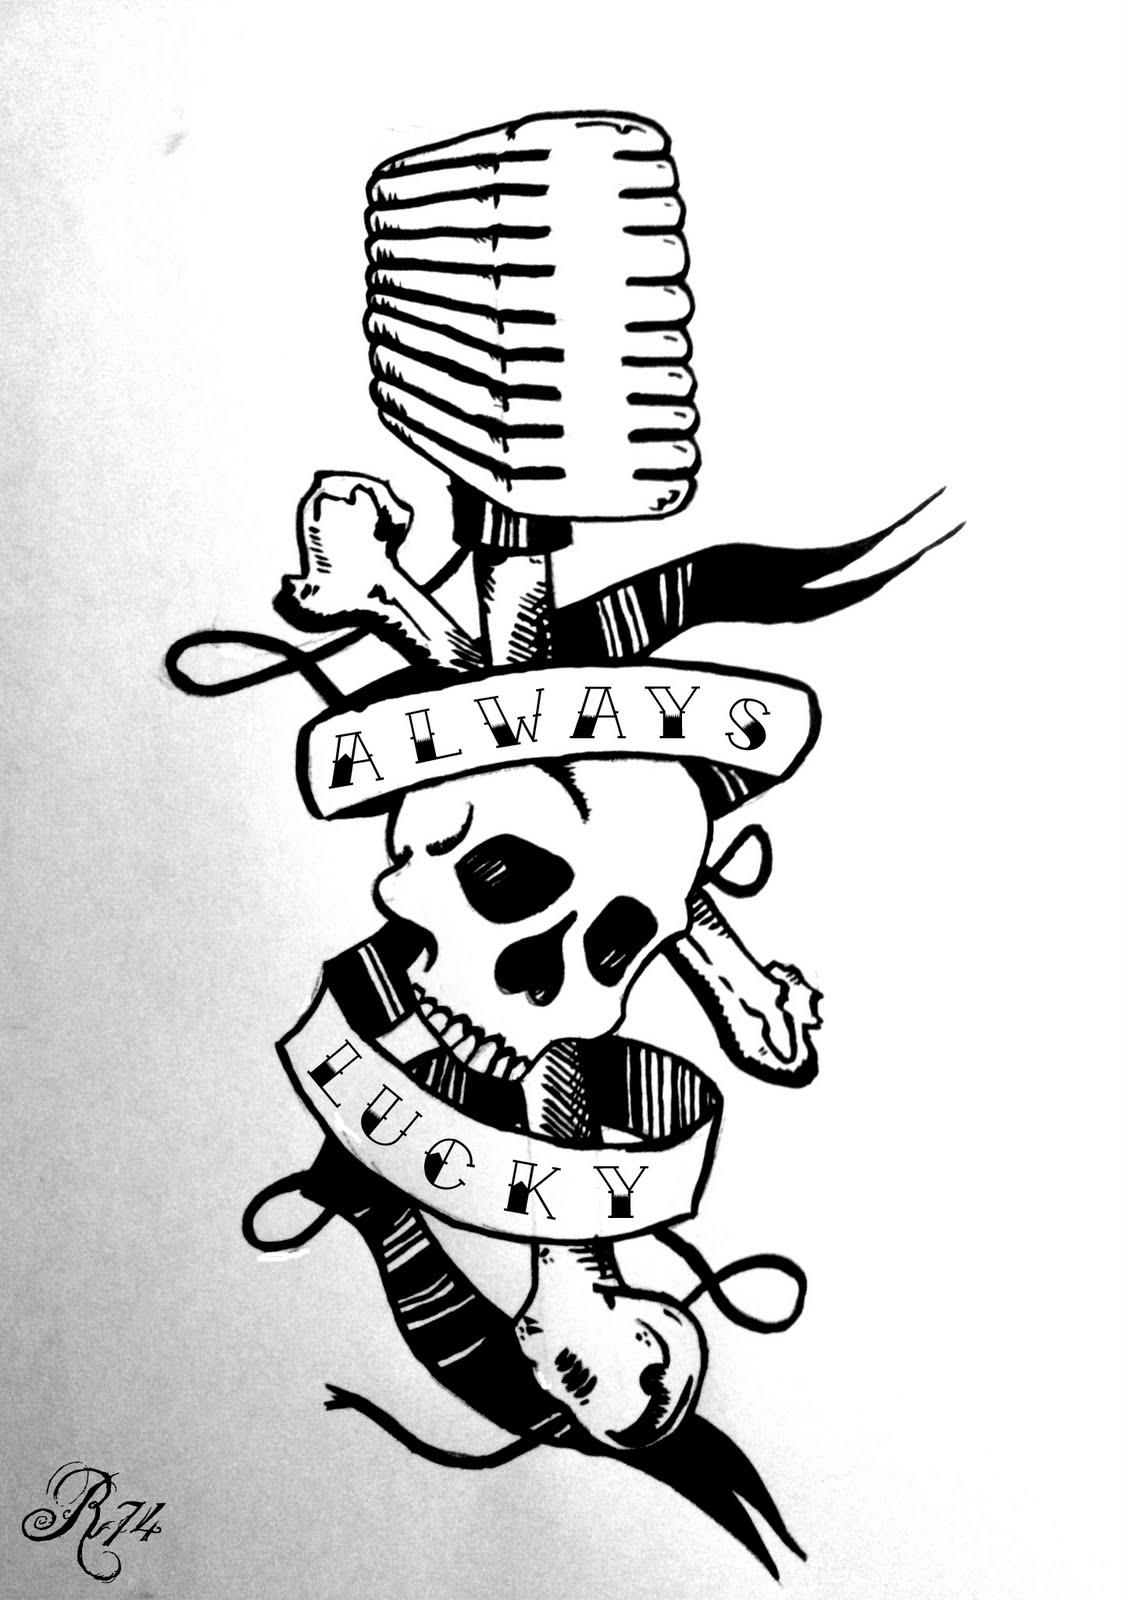 Old School - Micro et tête de mort